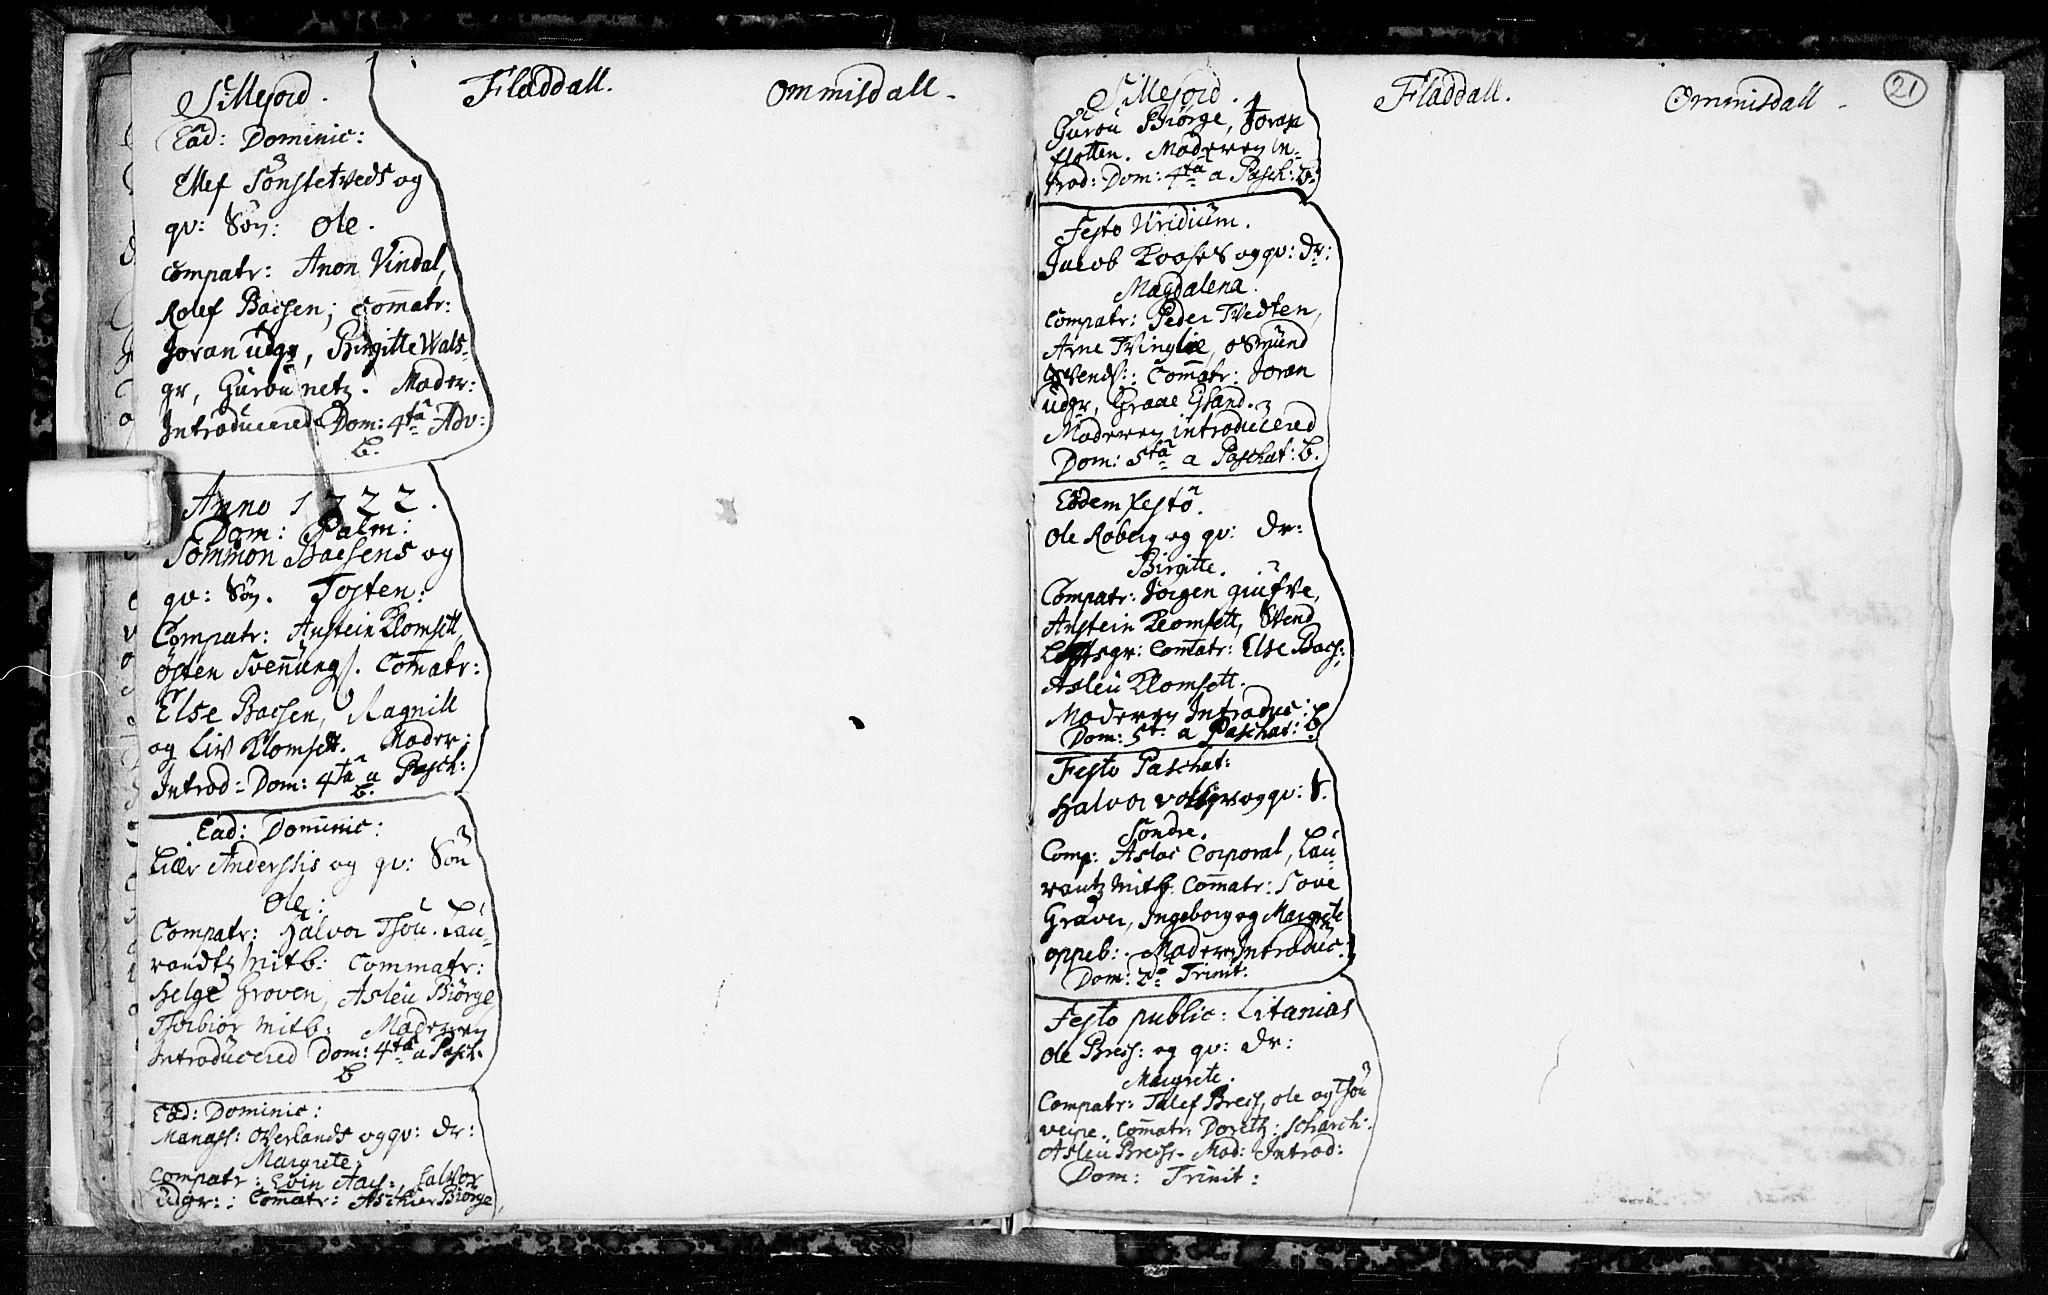 SAKO, Seljord kirkebøker, F/Fa/L0003: Ministerialbok nr. I 3, 1714-1725, s. 21